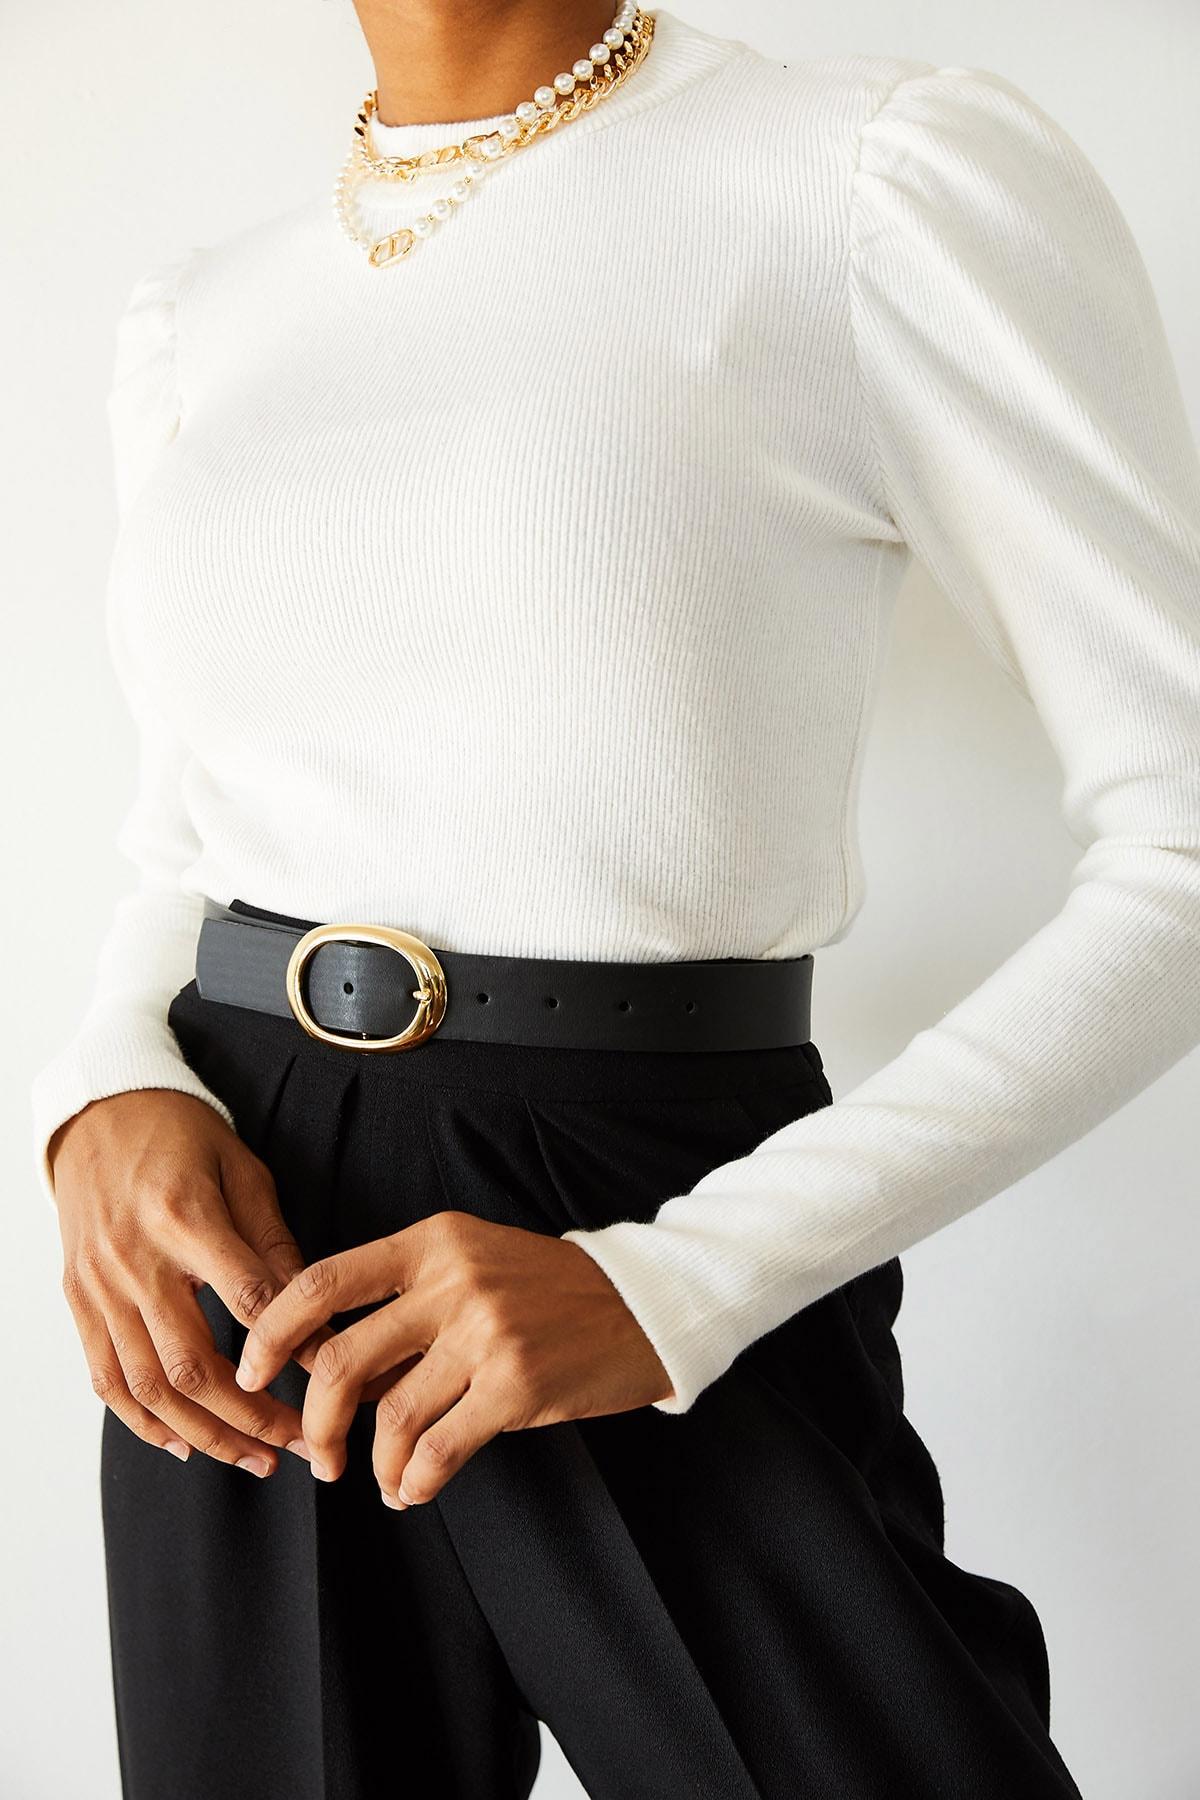 XENA Kadın Beyaz Omuzları Büzgülü Bluz 1KZK3-10750-01 2